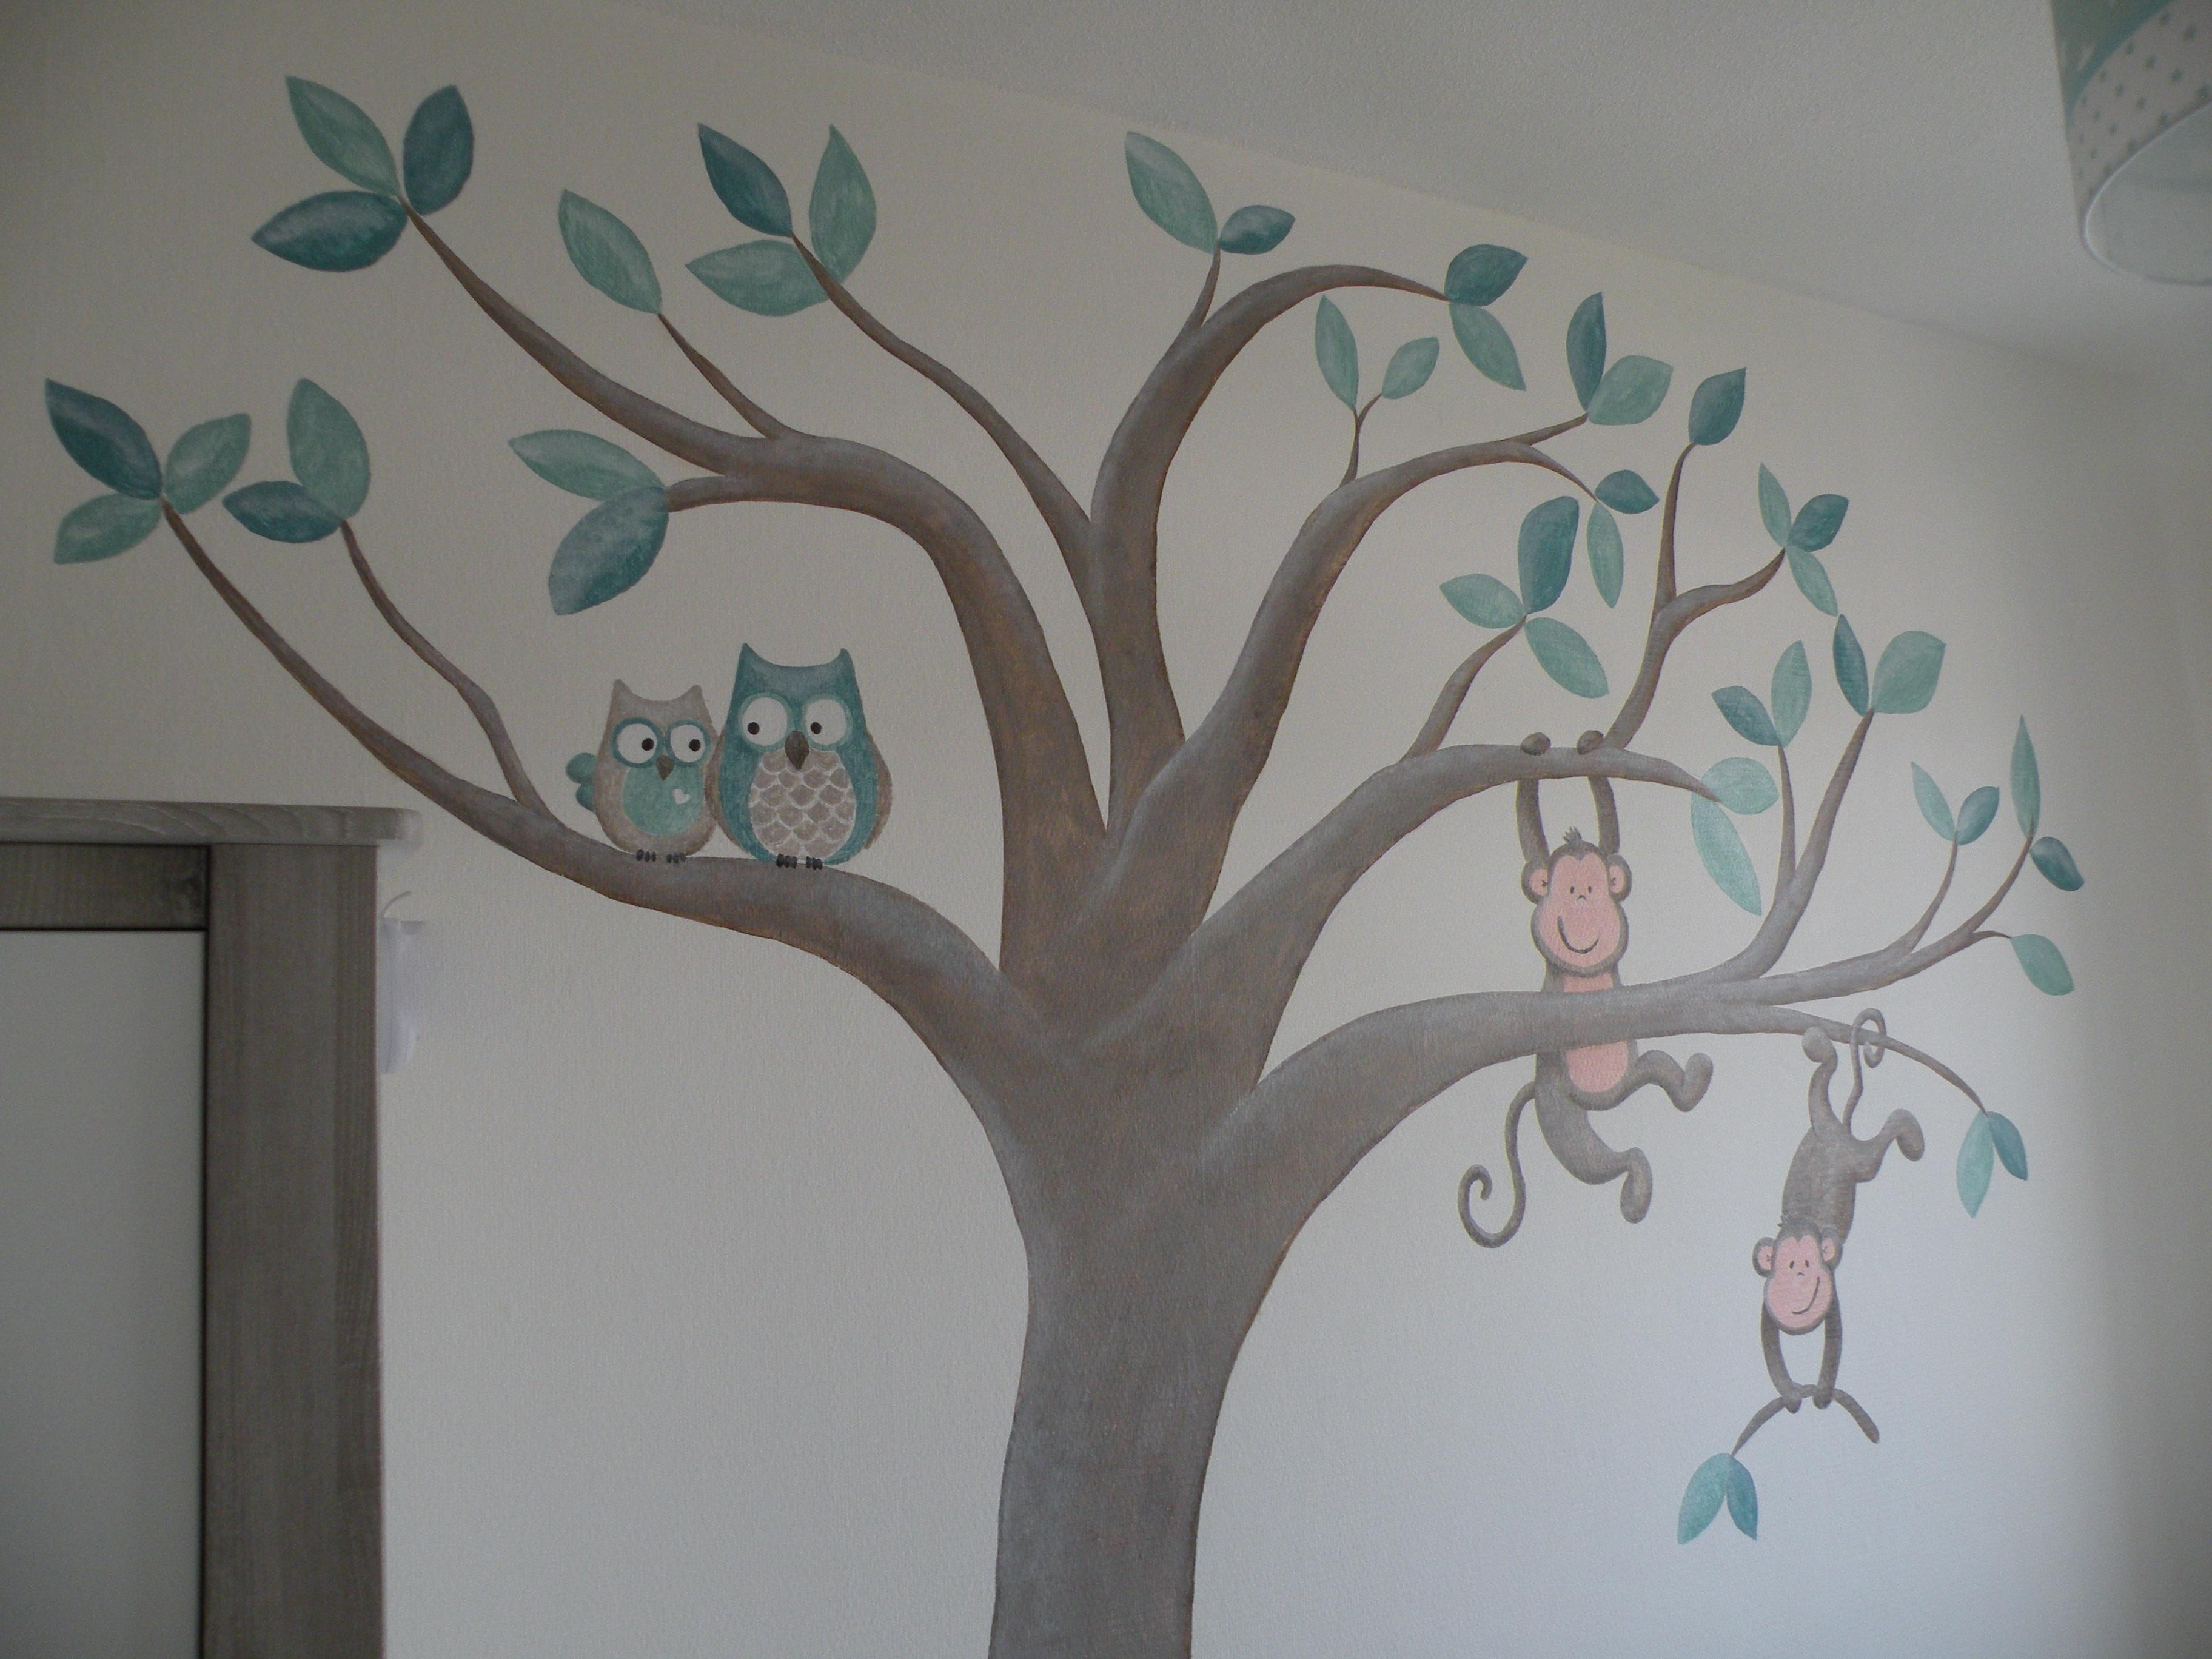 Slaapkamer ontwerp muurdecoratie - Schilderij kamer ontwerp ...